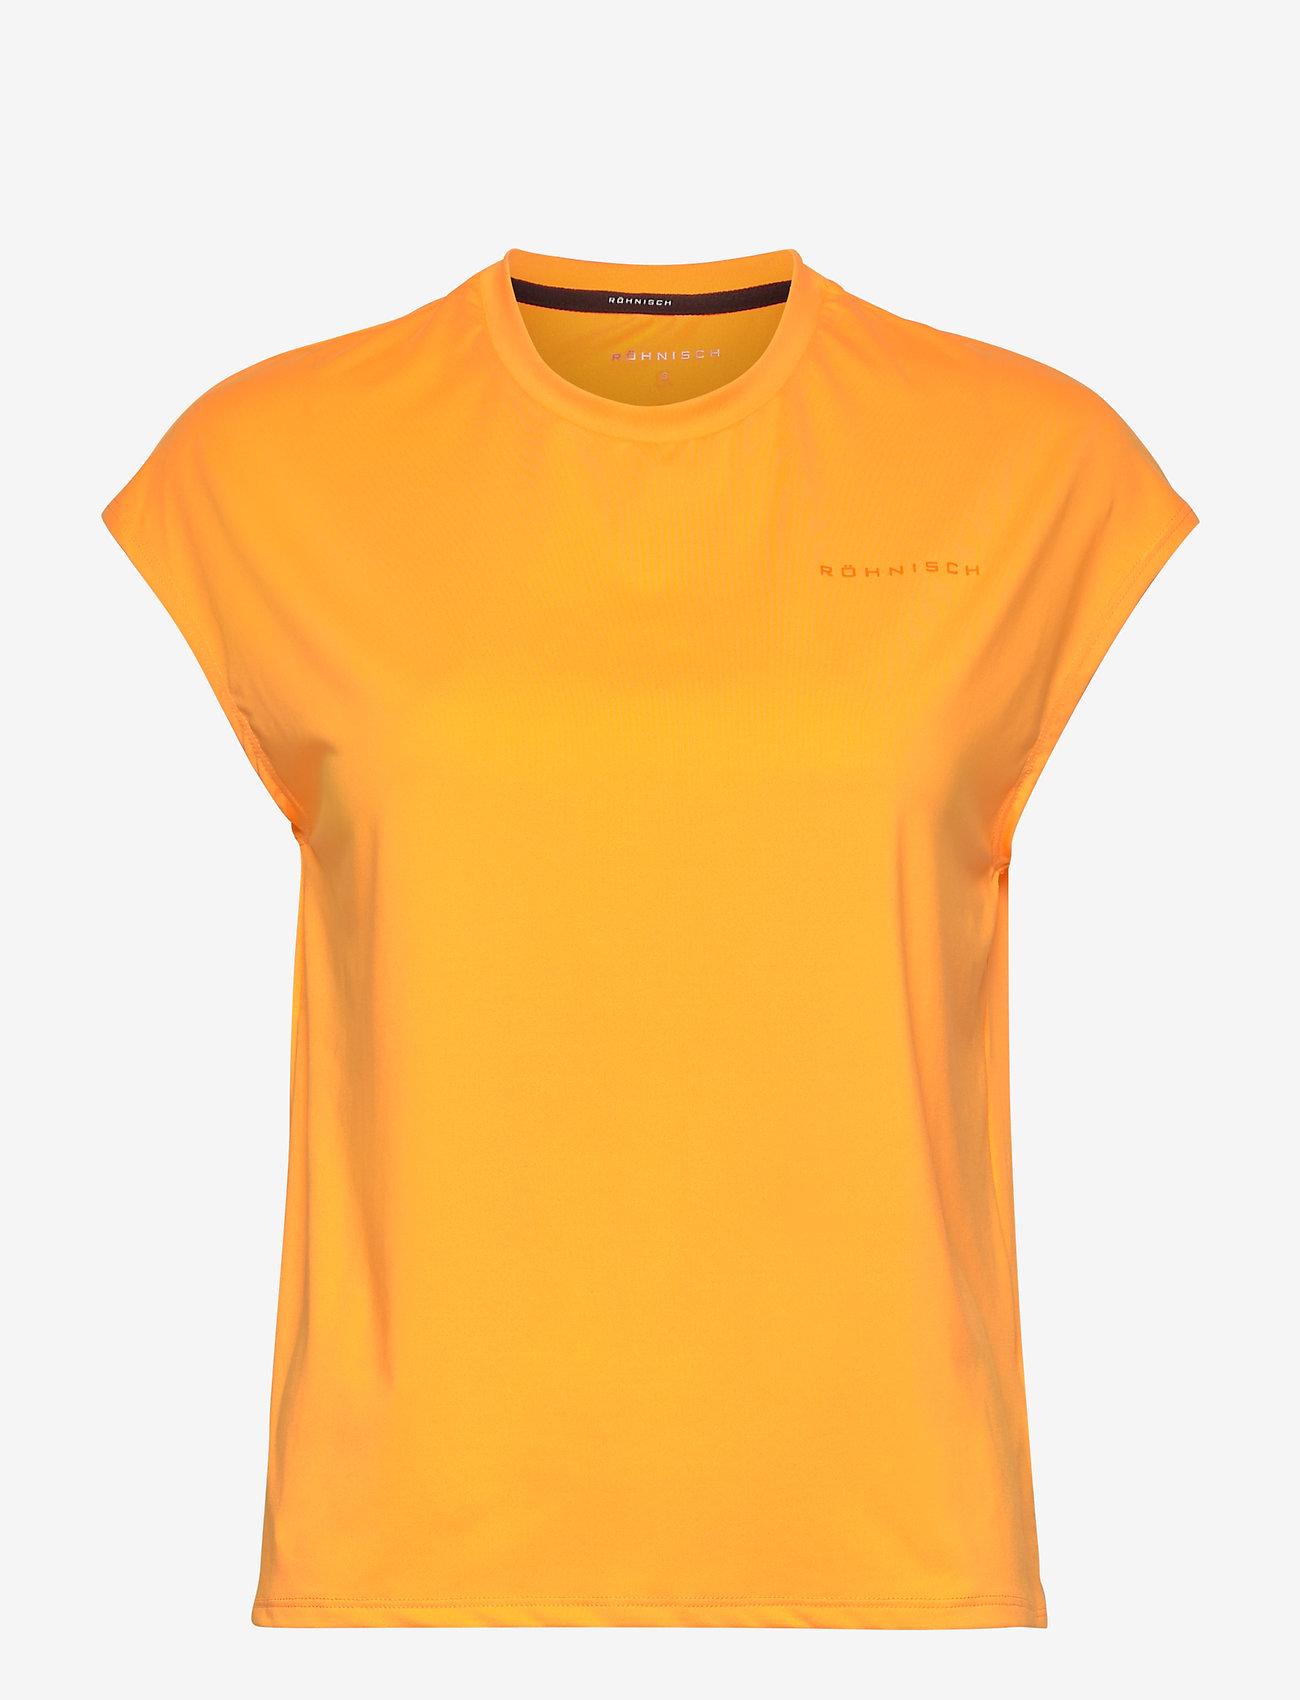 Röhnisch - Unity Tee - topjes - neon orange - 0